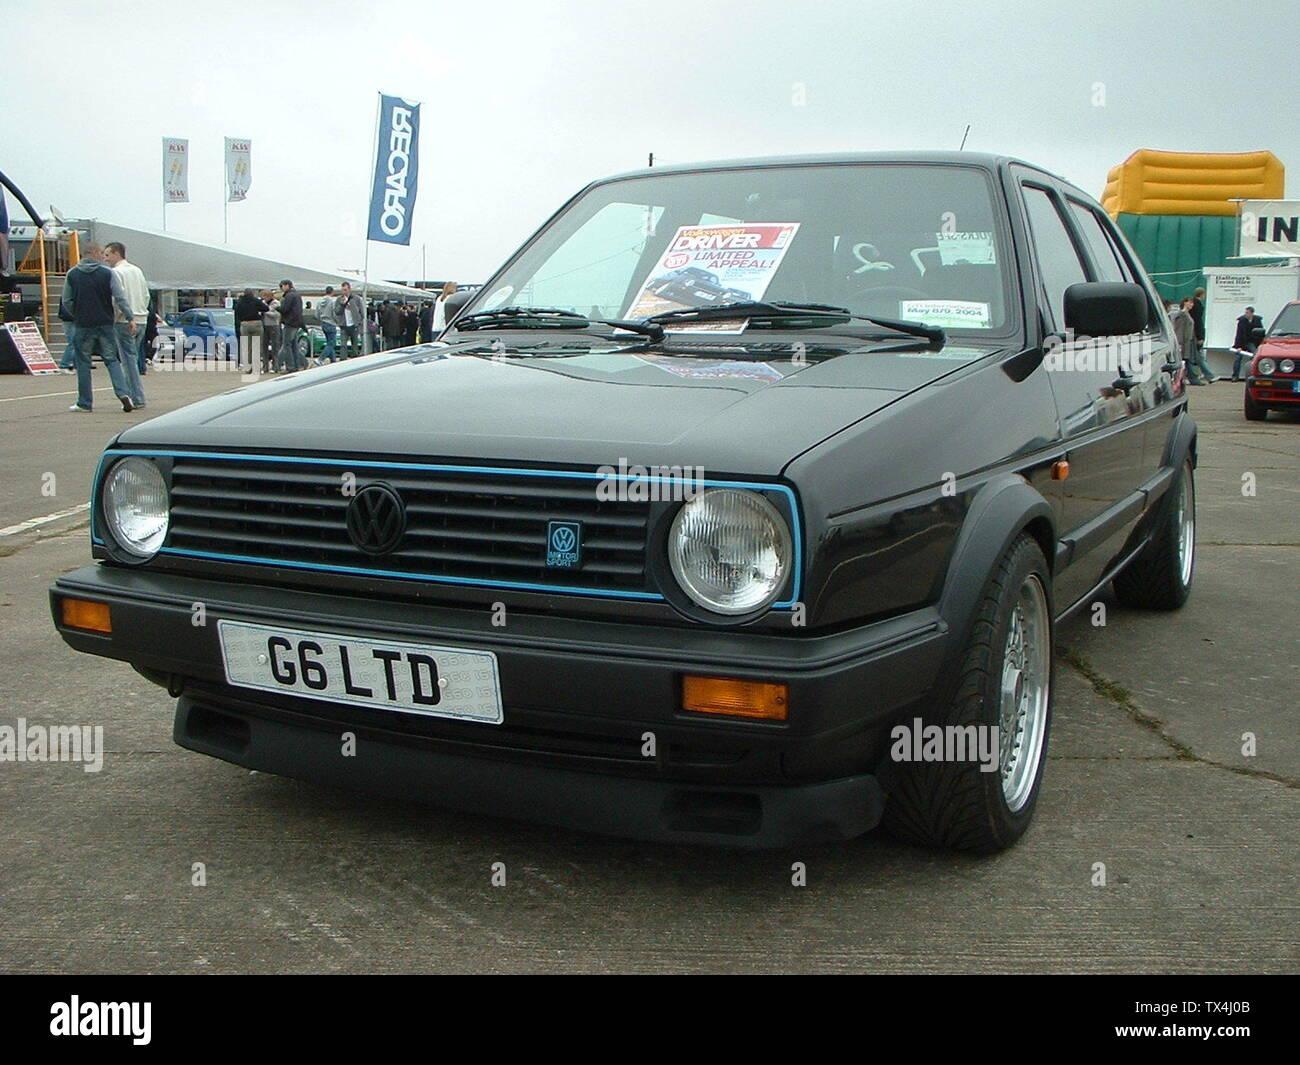 Volkswagen En Stock Photos & Volkswagen En Stock Images - Alamy